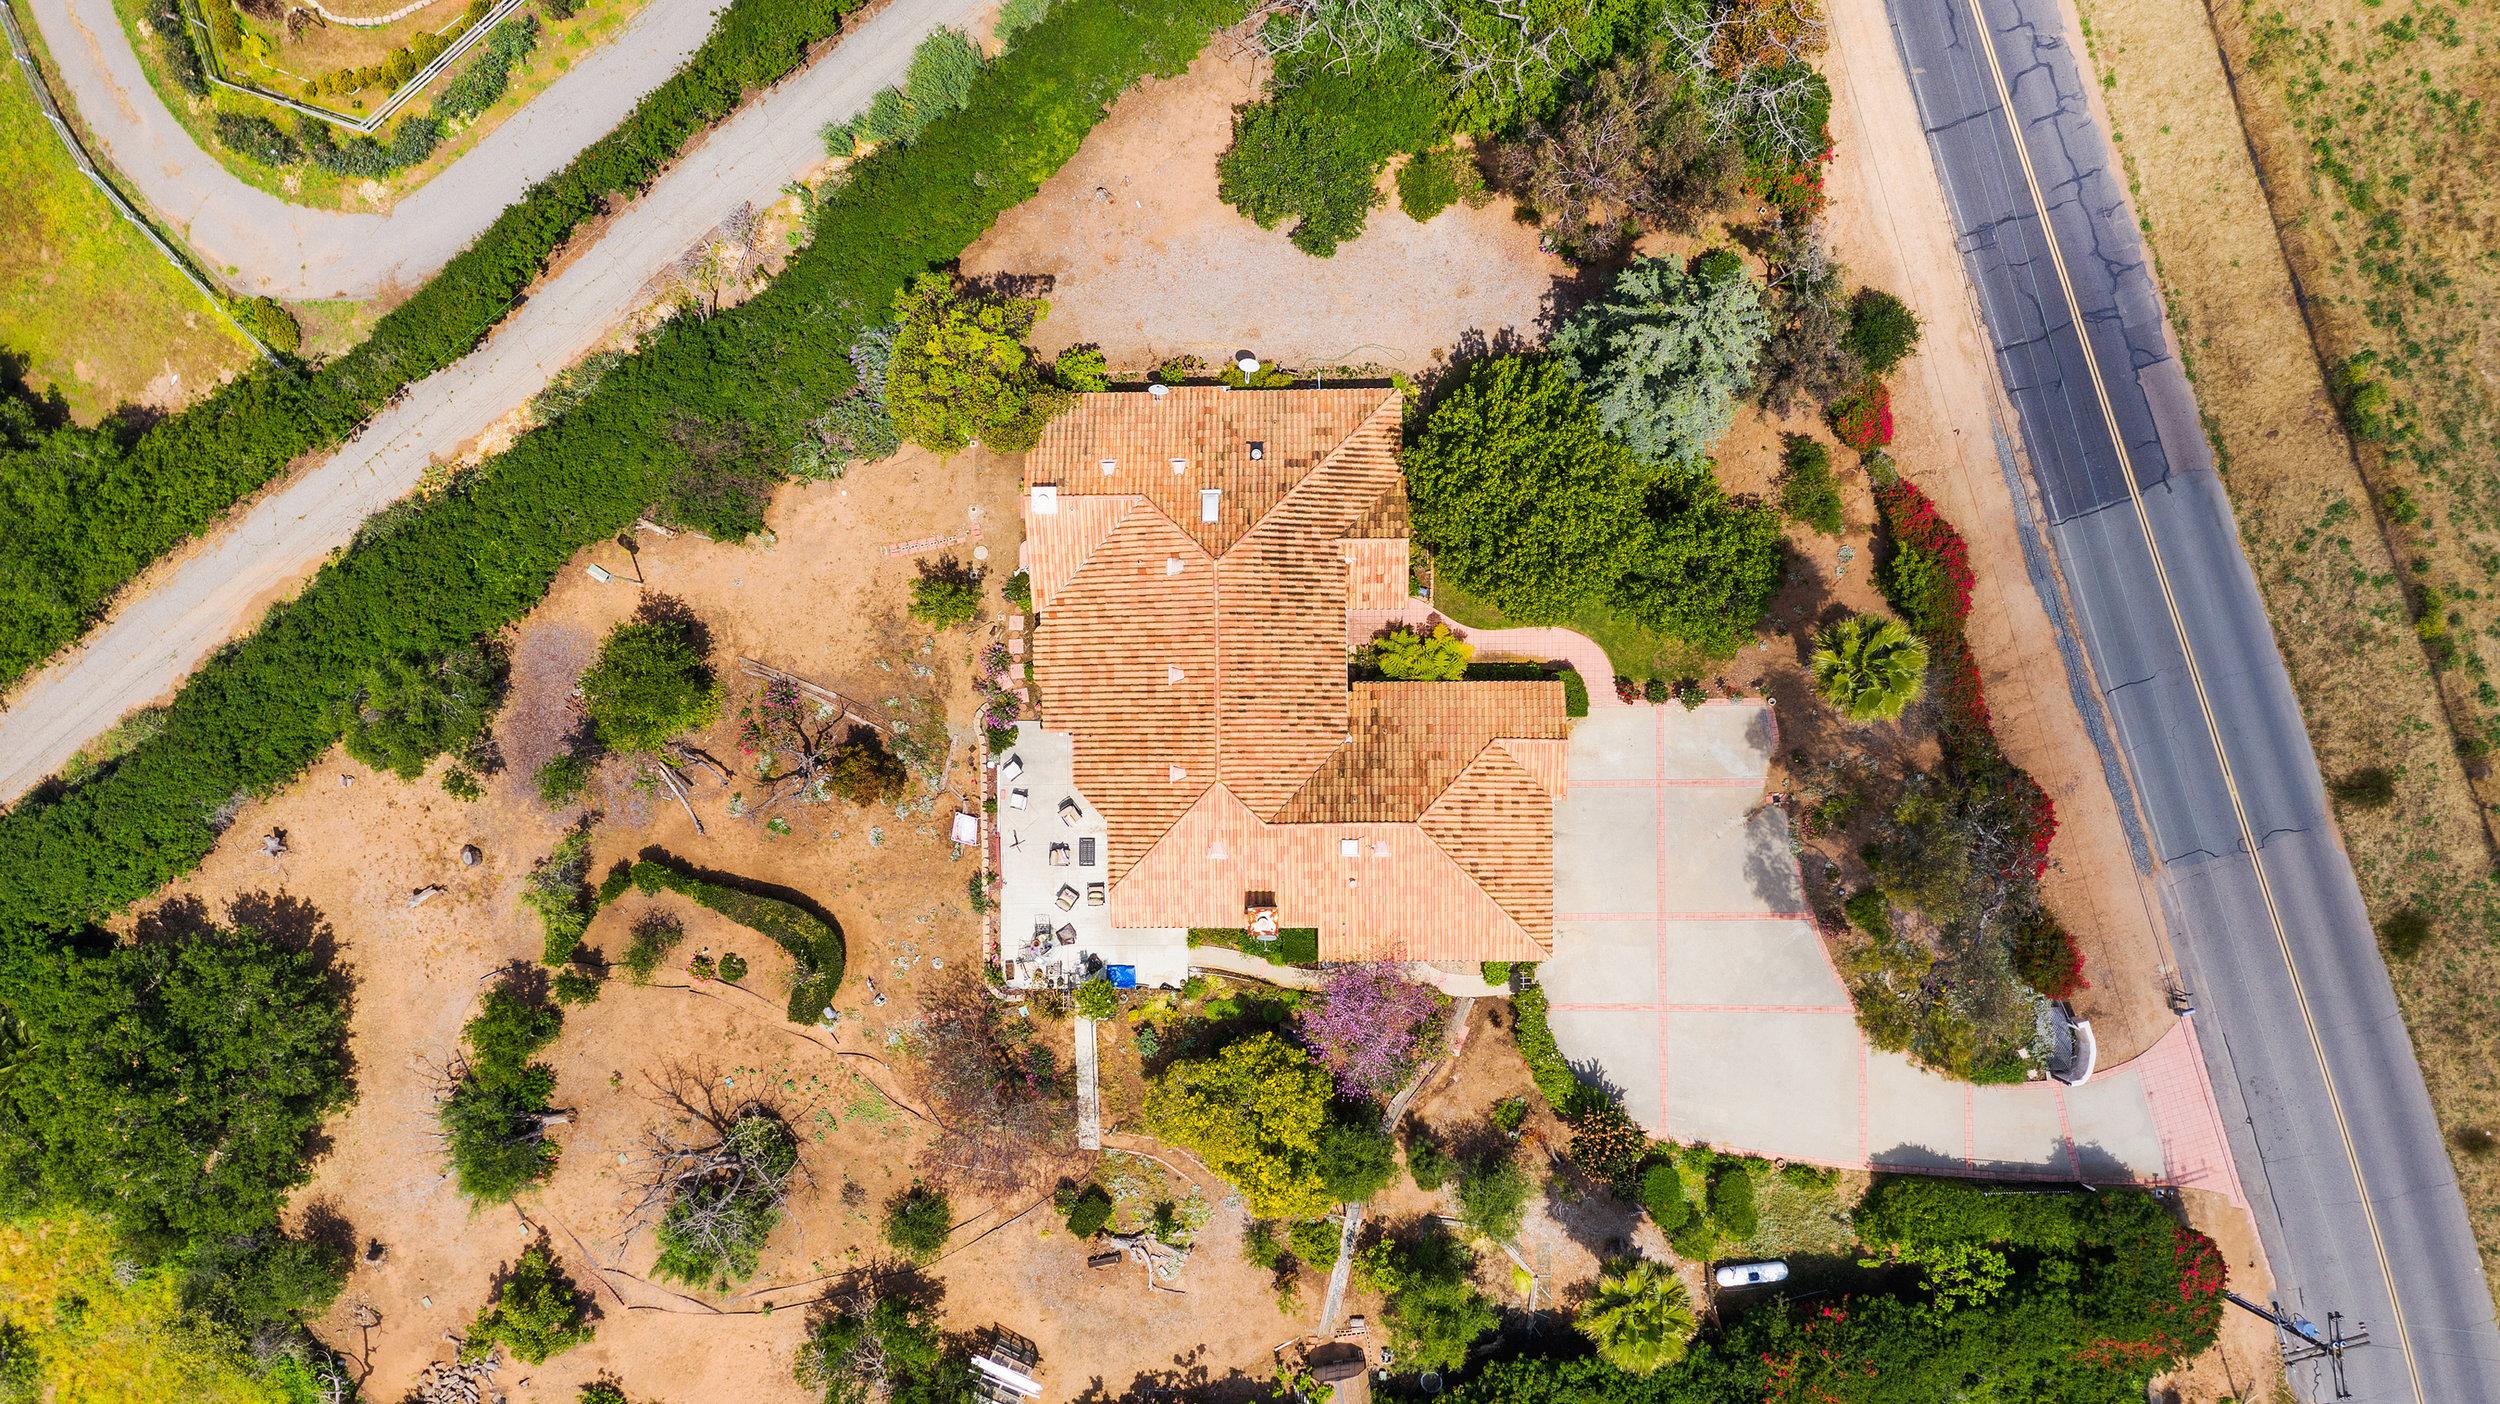 038_Aerial Top View.jpg